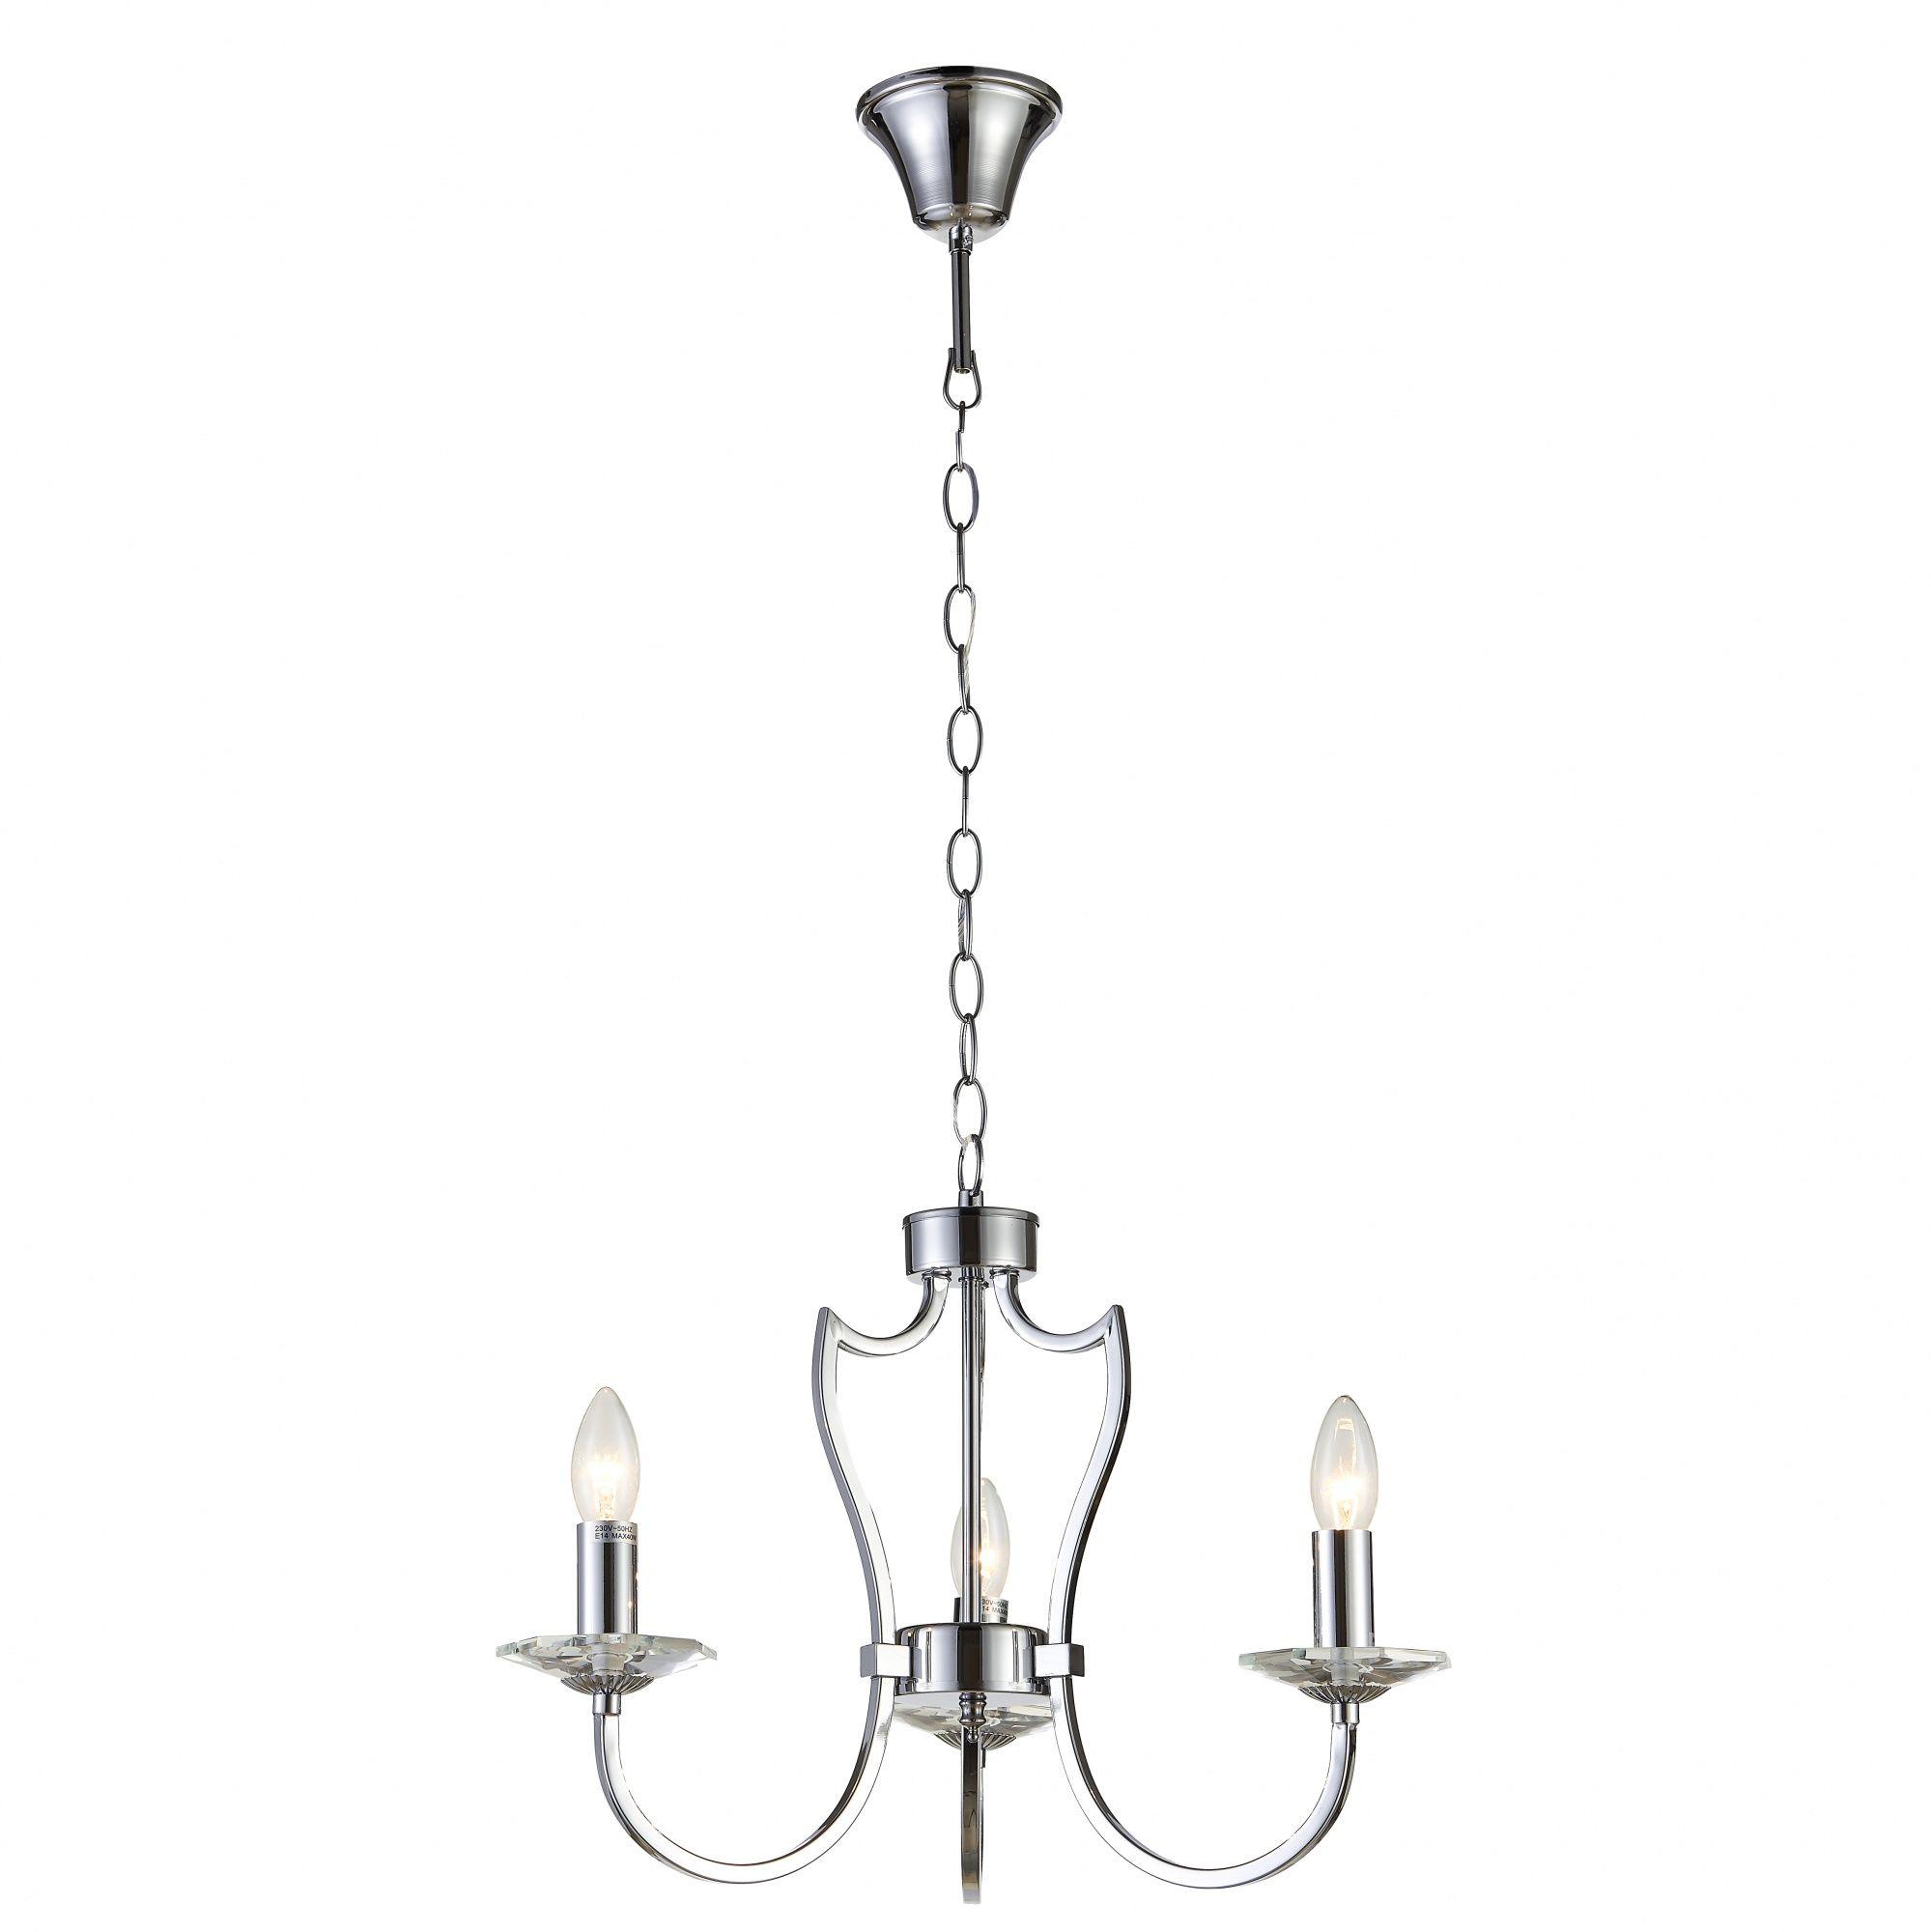 Lampa wisząca Riga P03755CH COSMOLight srebrna oprawa w stylu klasycznym